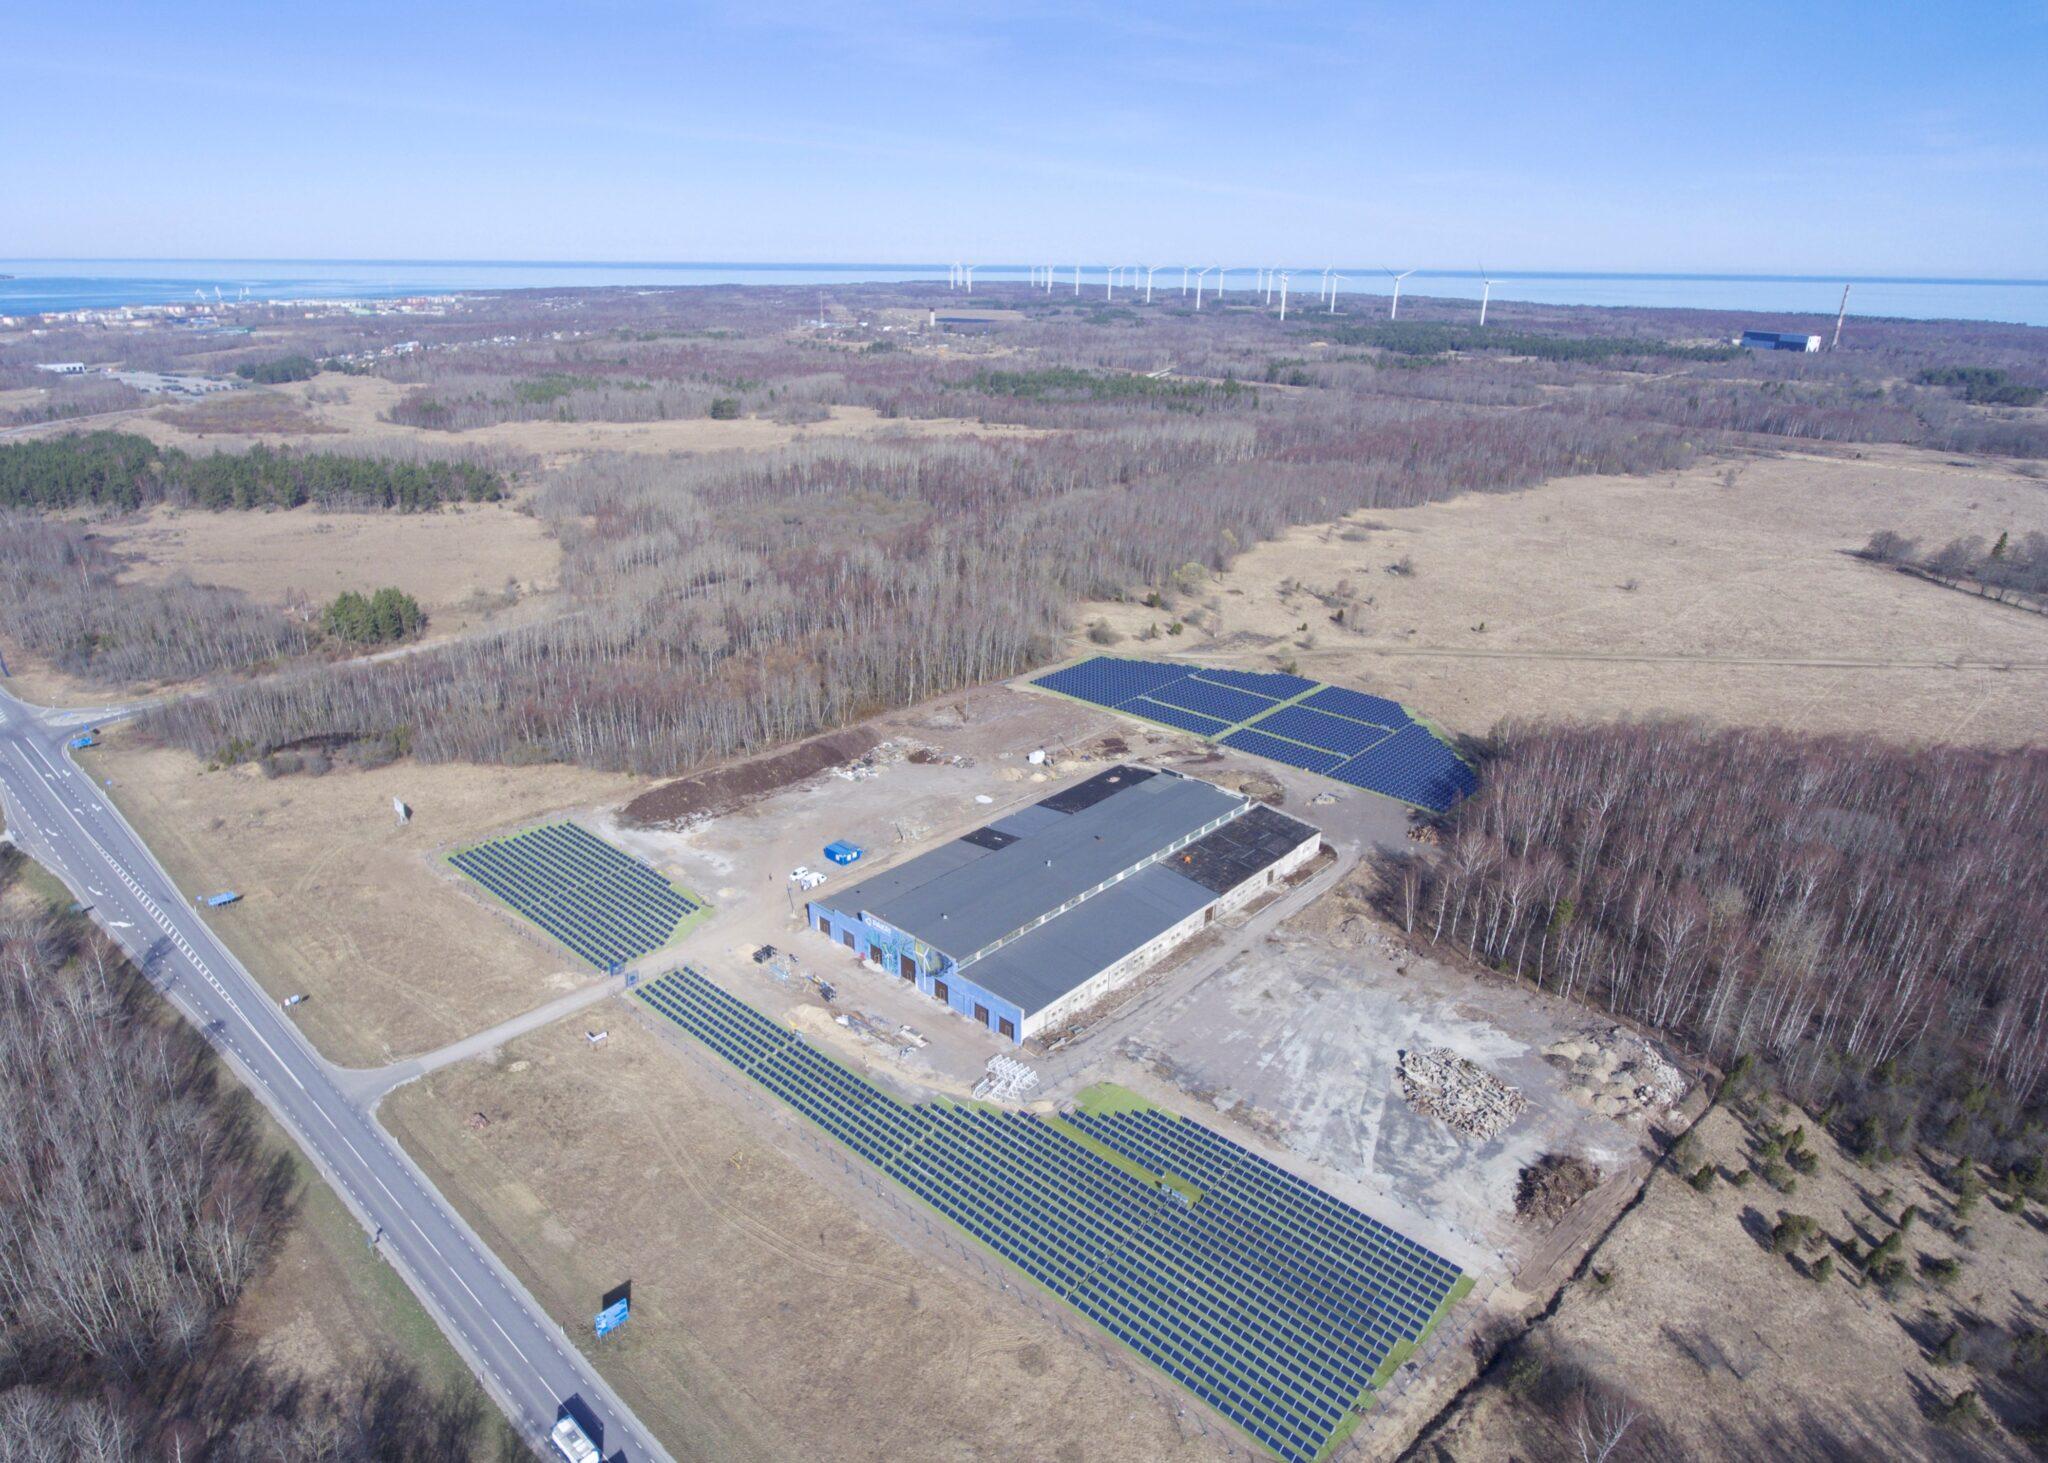 Vaade Pakri teadus- ja tööstuspargile linnulennult, taamal paistavad tuulikud. Pakri tööstuspark. Foto: Allan Leppikson